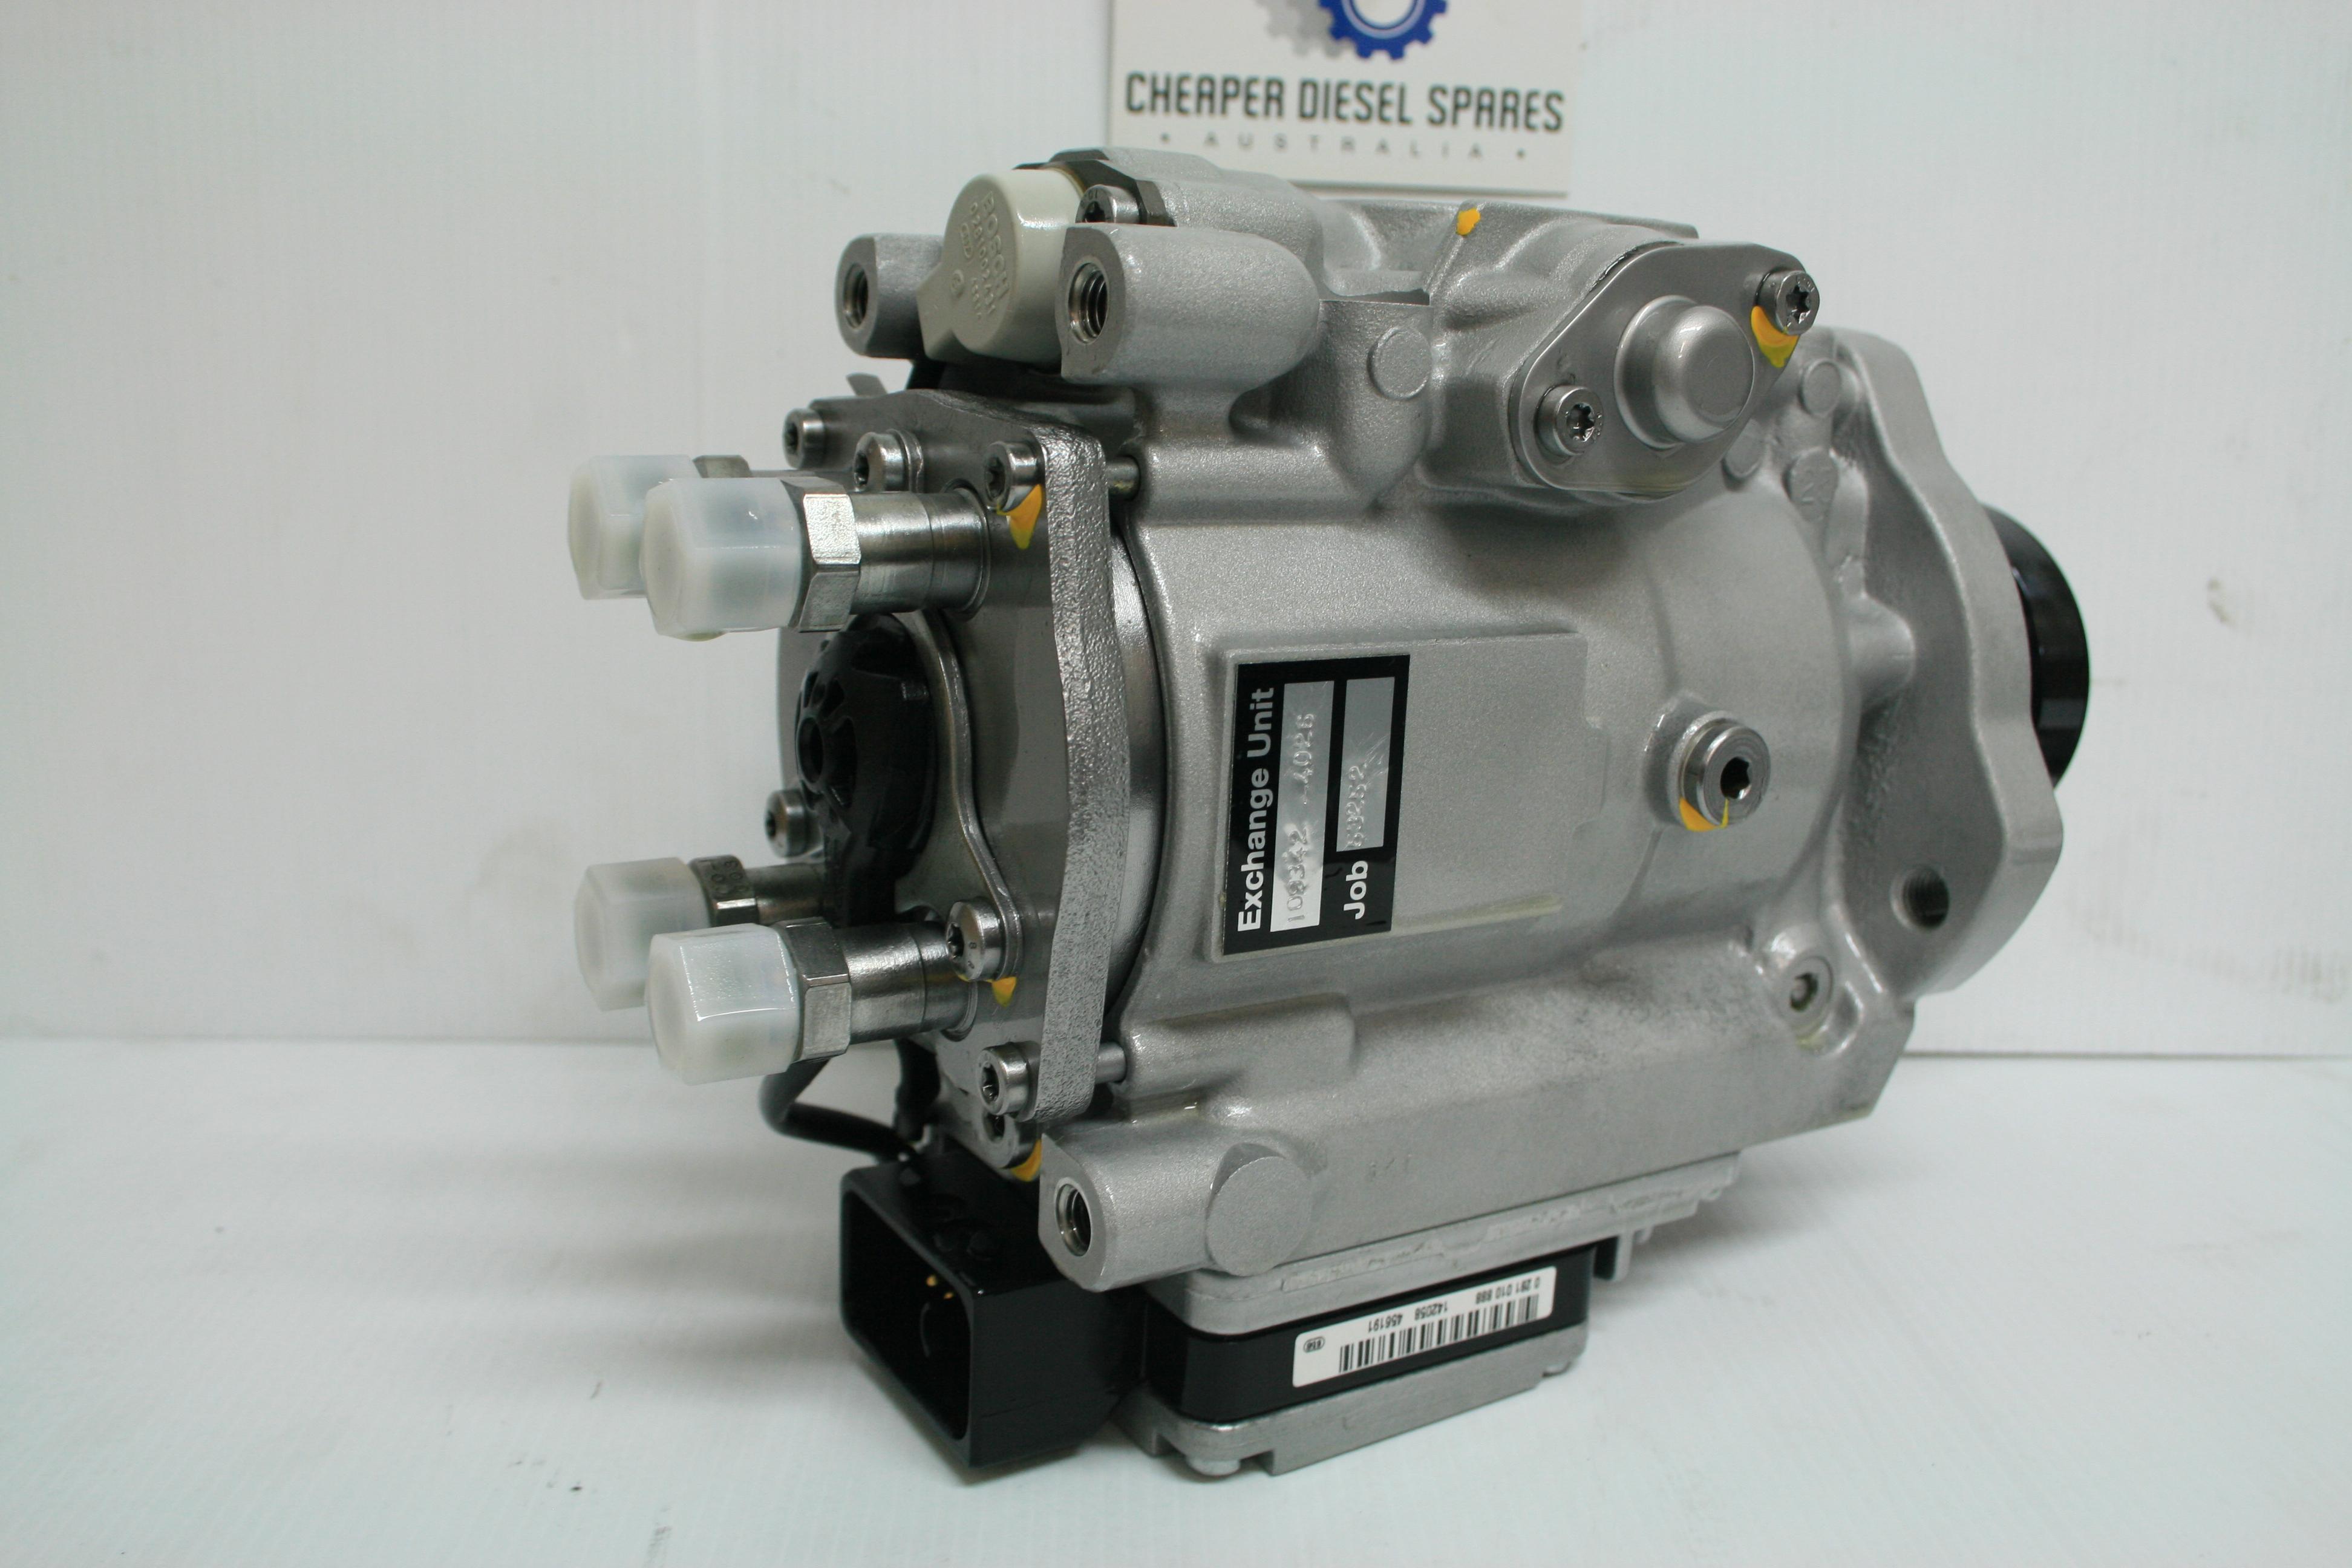 Diesel Fuel Pump to suit Nissan Patrol ZD30 VP44, 16700-VG100, 109342-4026  Exchange